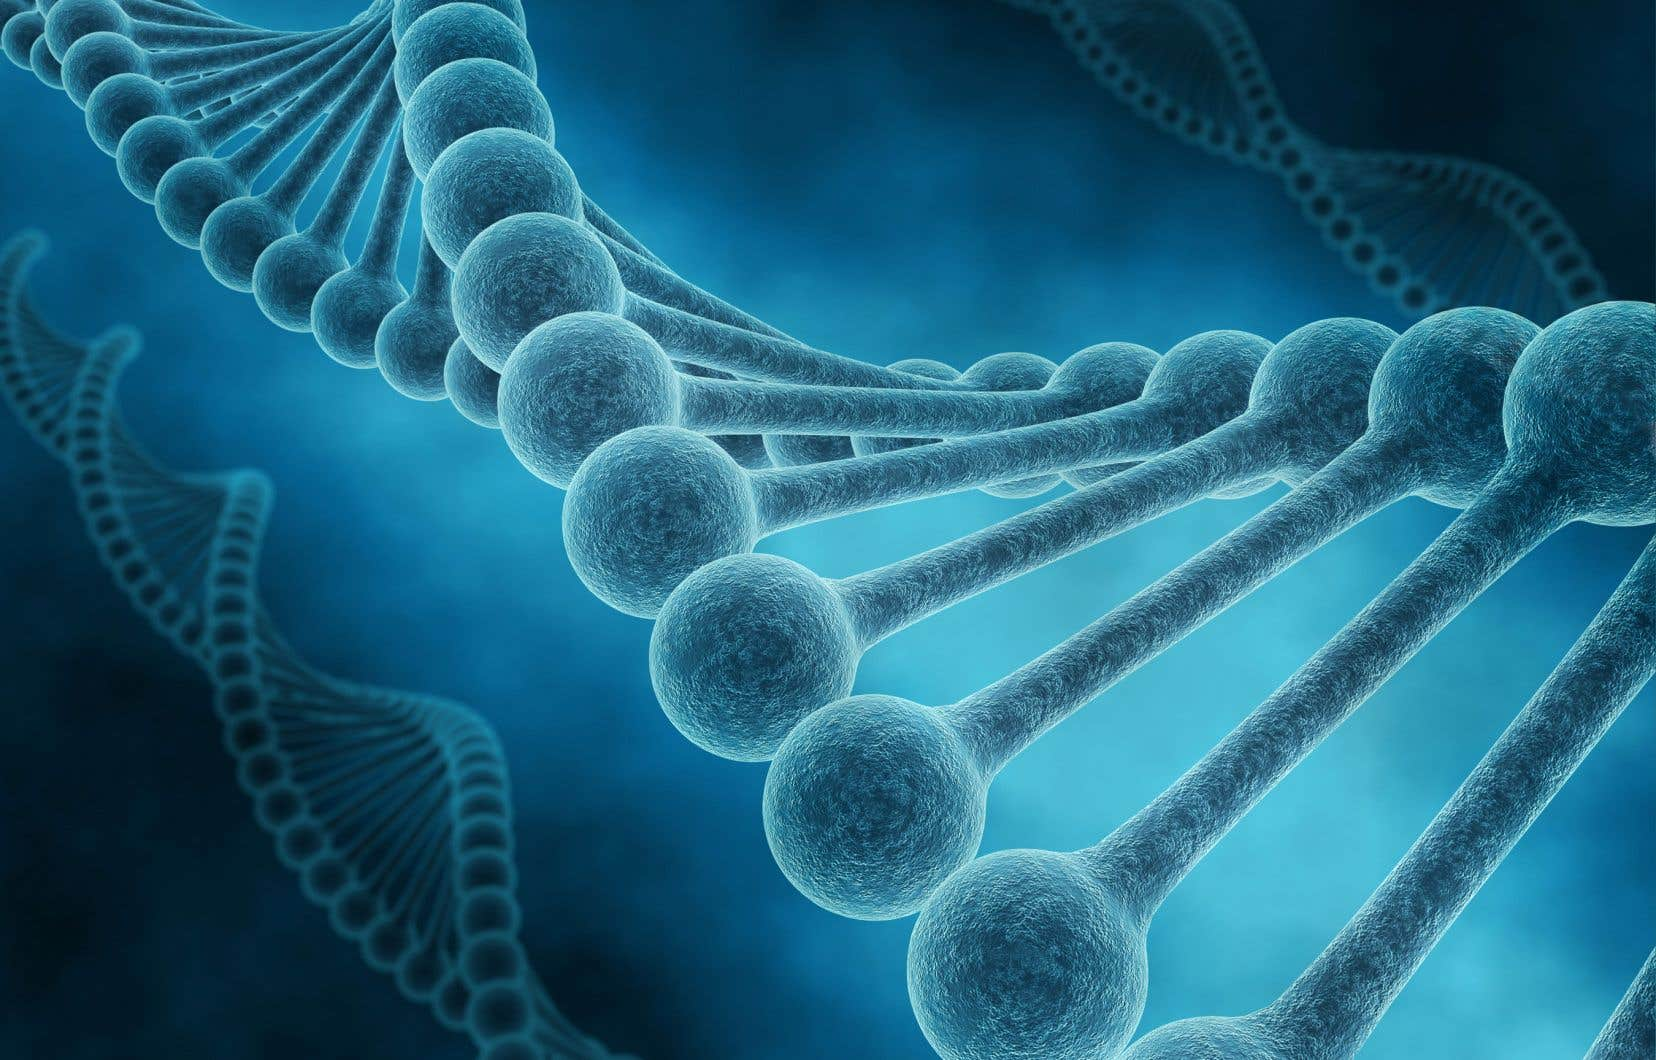 La signature de la COVID dans nos gènes pourrait donc s'apparenter à d'autres moments de stress chronique, comme des guerres ou des catastrophes naturelles.